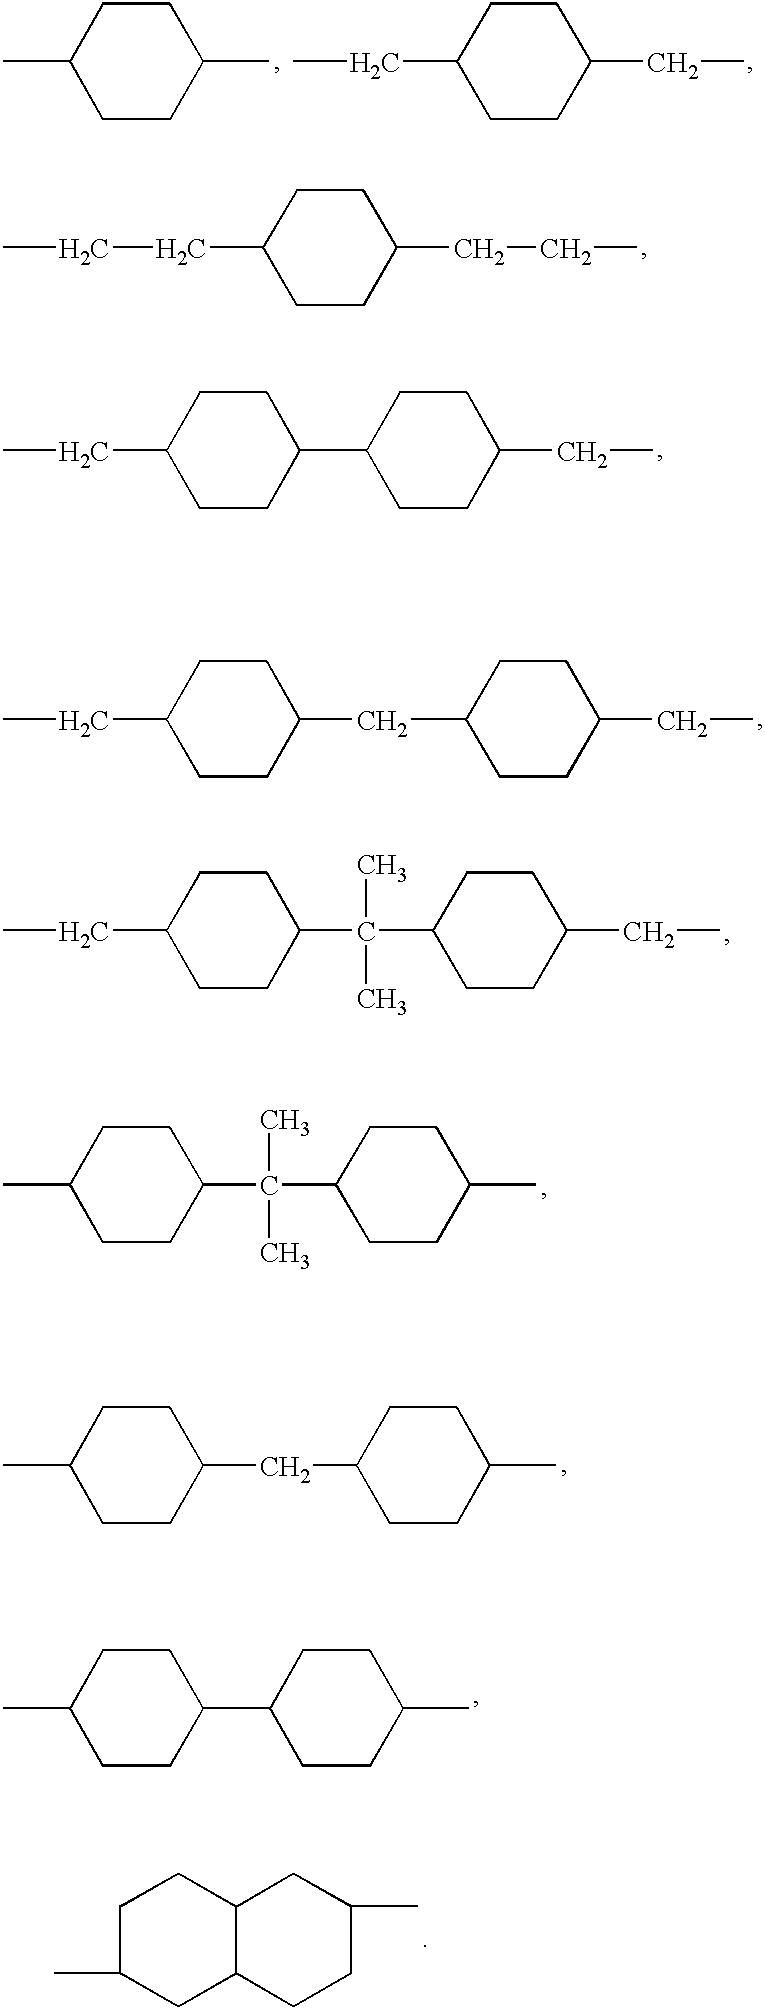 Figure US06635698-20031021-C00002